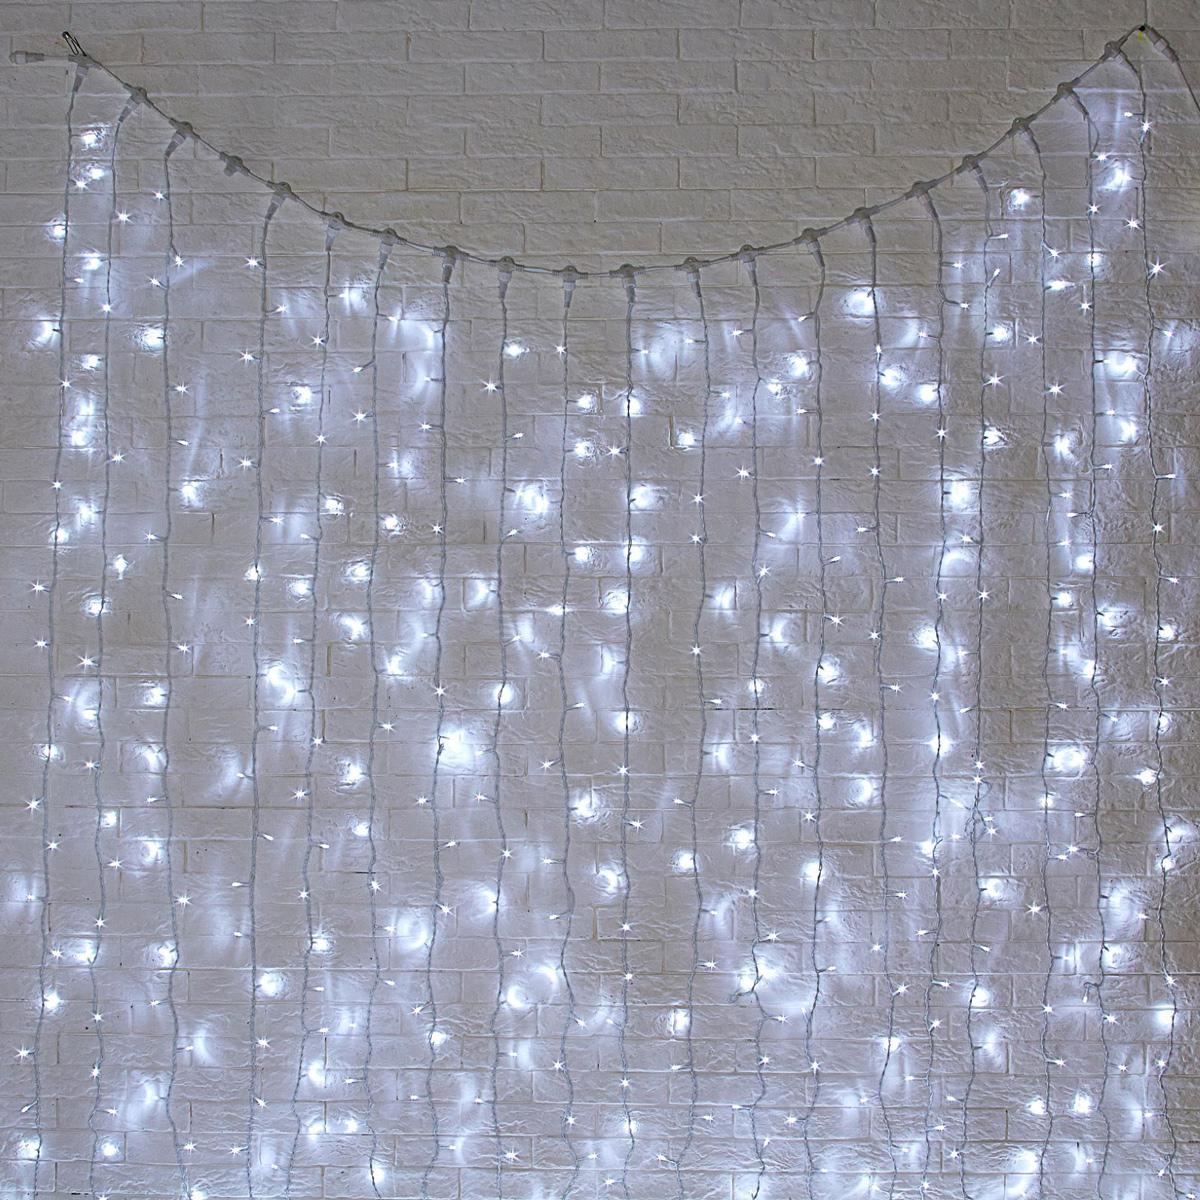 Гирлянда светодиодная Luazon Занавес, цвет: белый, уличная, 1440 ламп, 220 V, 2 х 6 м. 10802561080256Гирлянда светодиодная Luazon Занавес - это отличный вариант для новогоднего оформления интерьера или фасада. С ее помощью помещение любого размера можно превратить в праздничный зал, а внешние элементы зданий, украшенные гирляндой, мгновенно станут напоминать очертания сказочного дворца. Такое украшение создаст ауру предвкушения чуда. Деревья, фасады, витрины, окна и арки будто специально созданы, чтобы вы украсили их светящимися нитями.